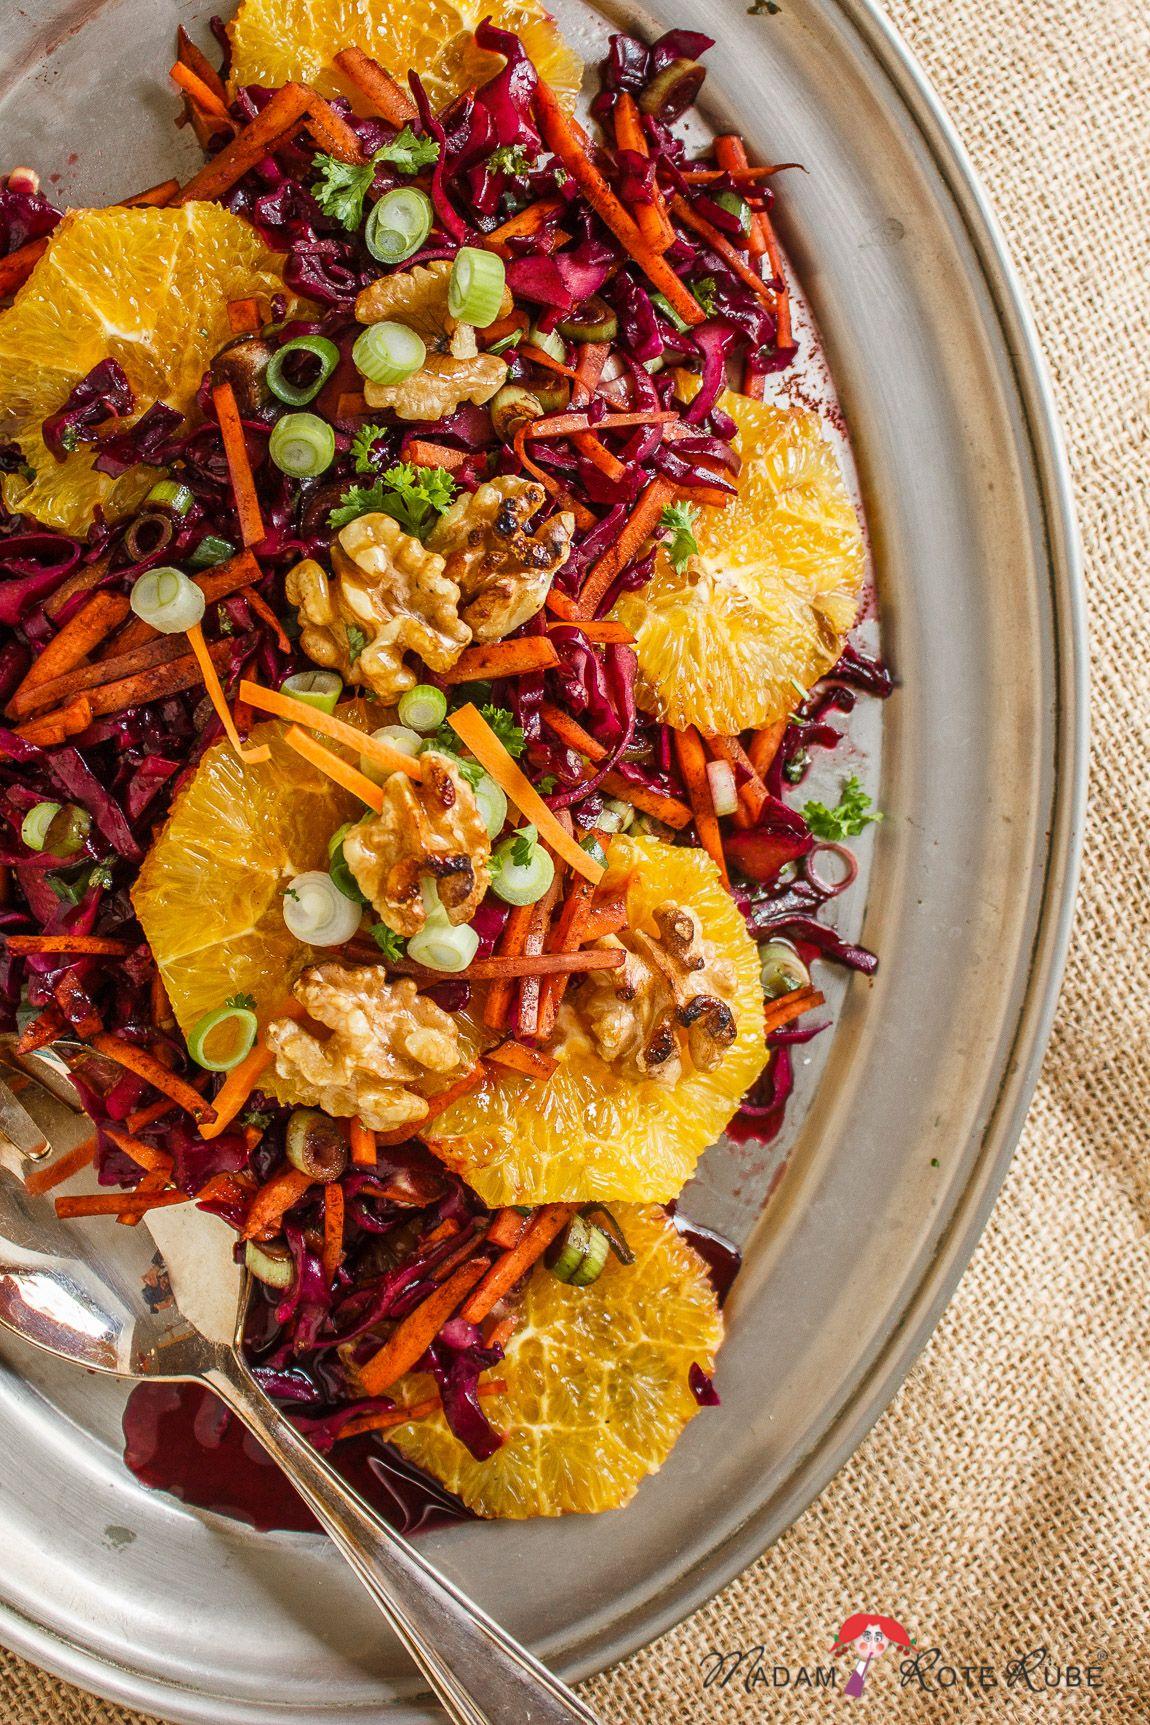 Rotkohl-Salat mit Möhren, Orangen & karamellisierten Walnüssen - lasst die Vitamine purzeln - Madam Rote Rübe & die Landküche